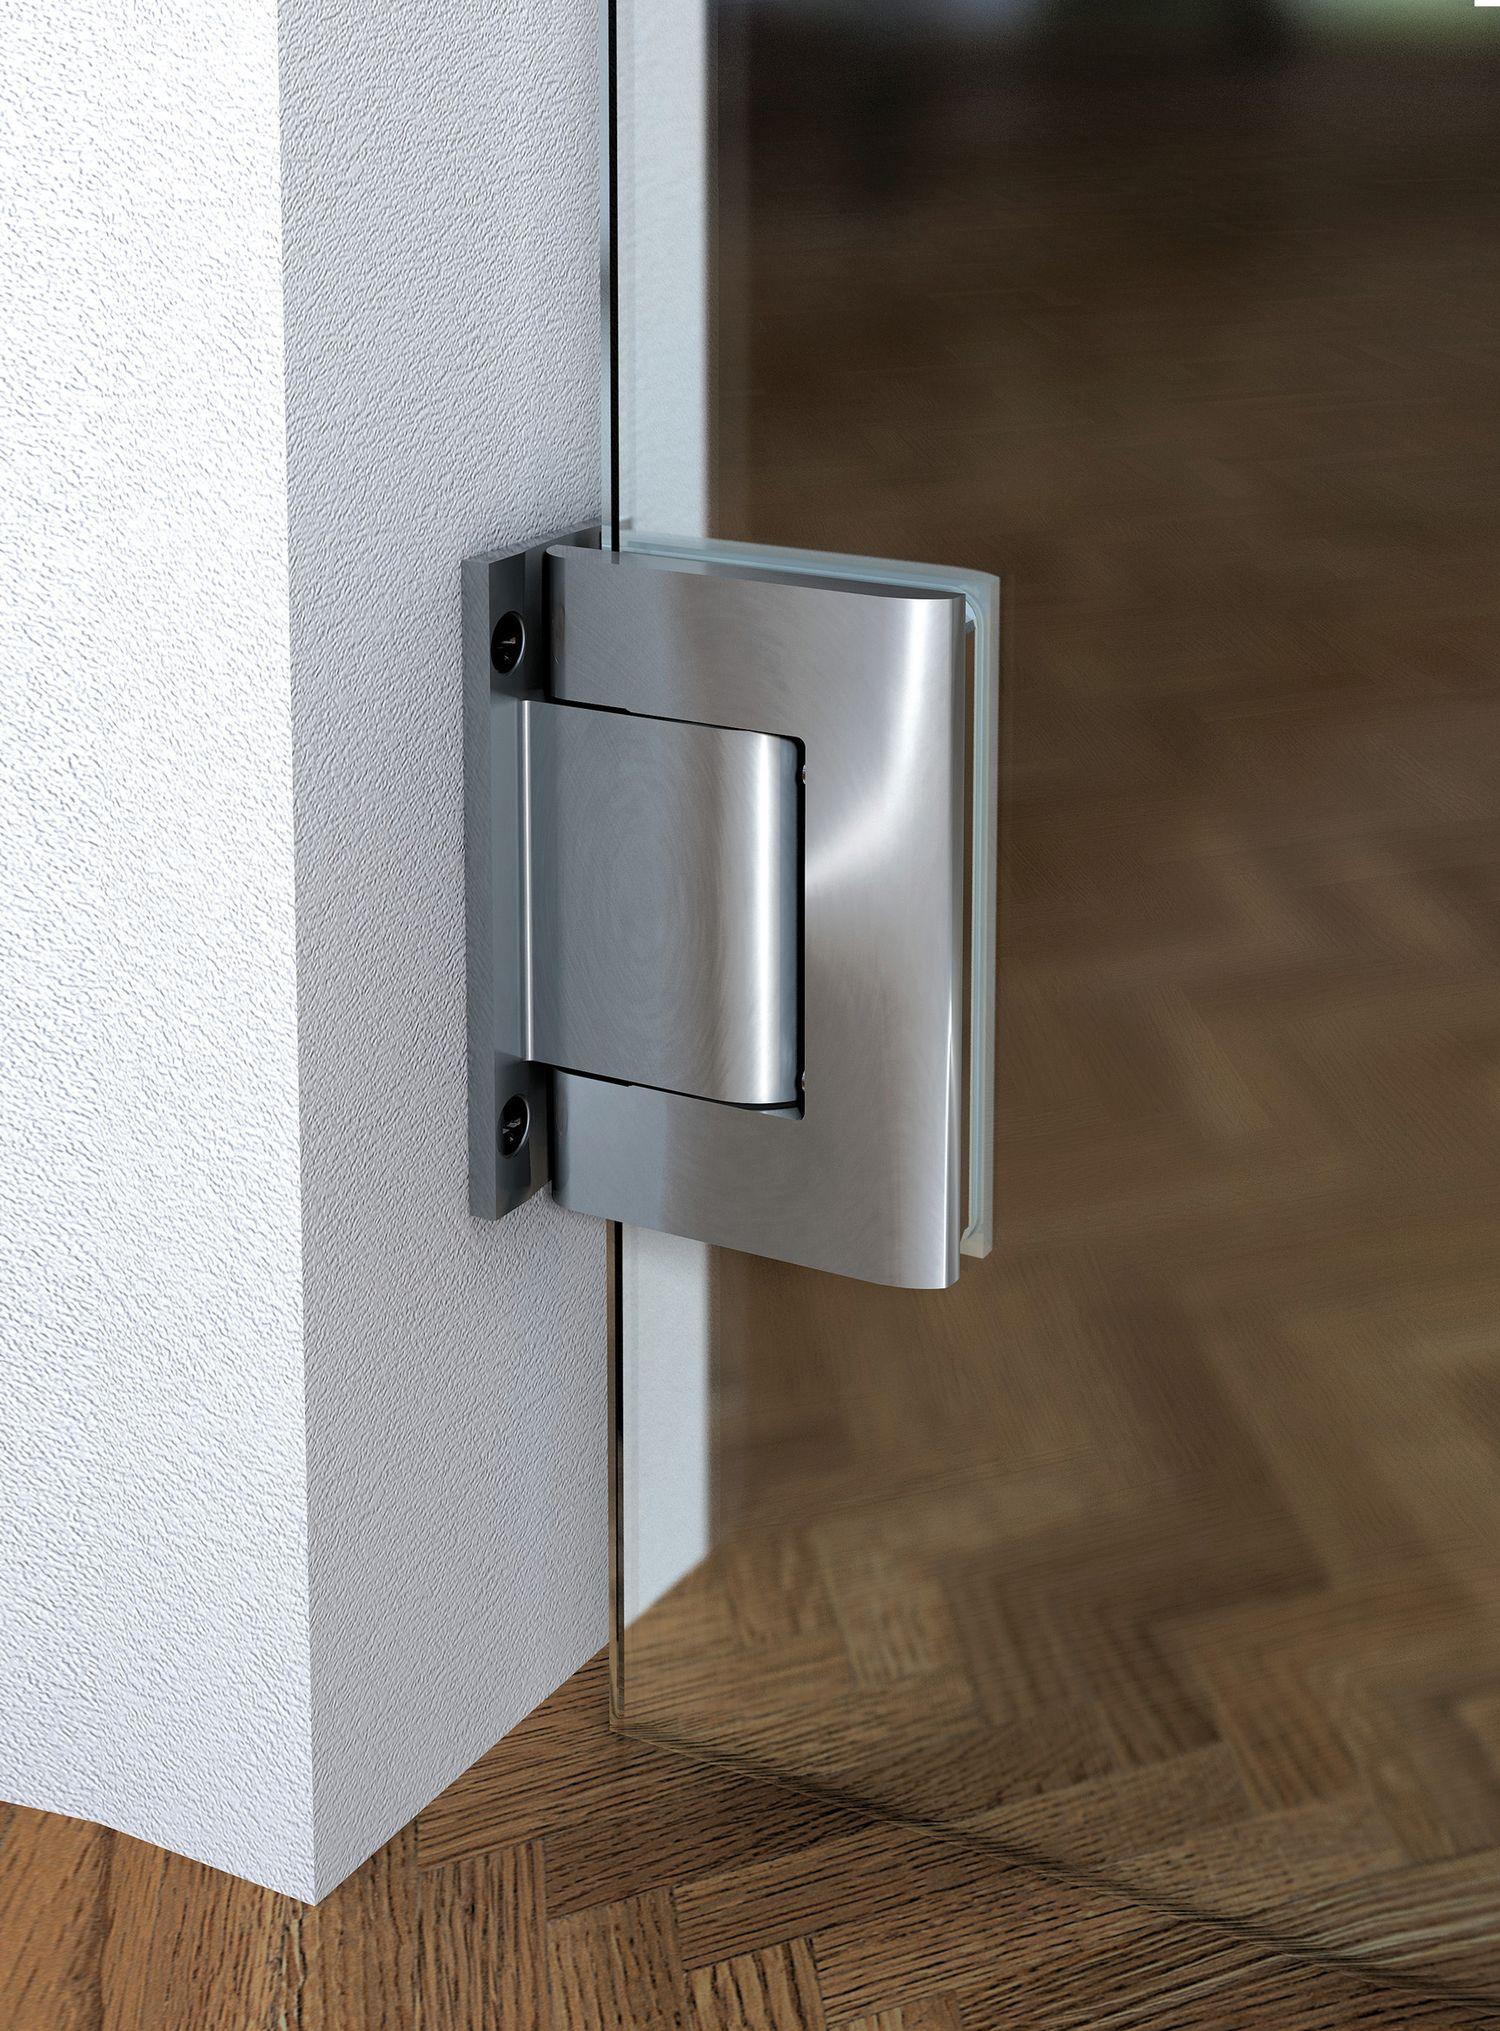 Biloba hinges for internal doors